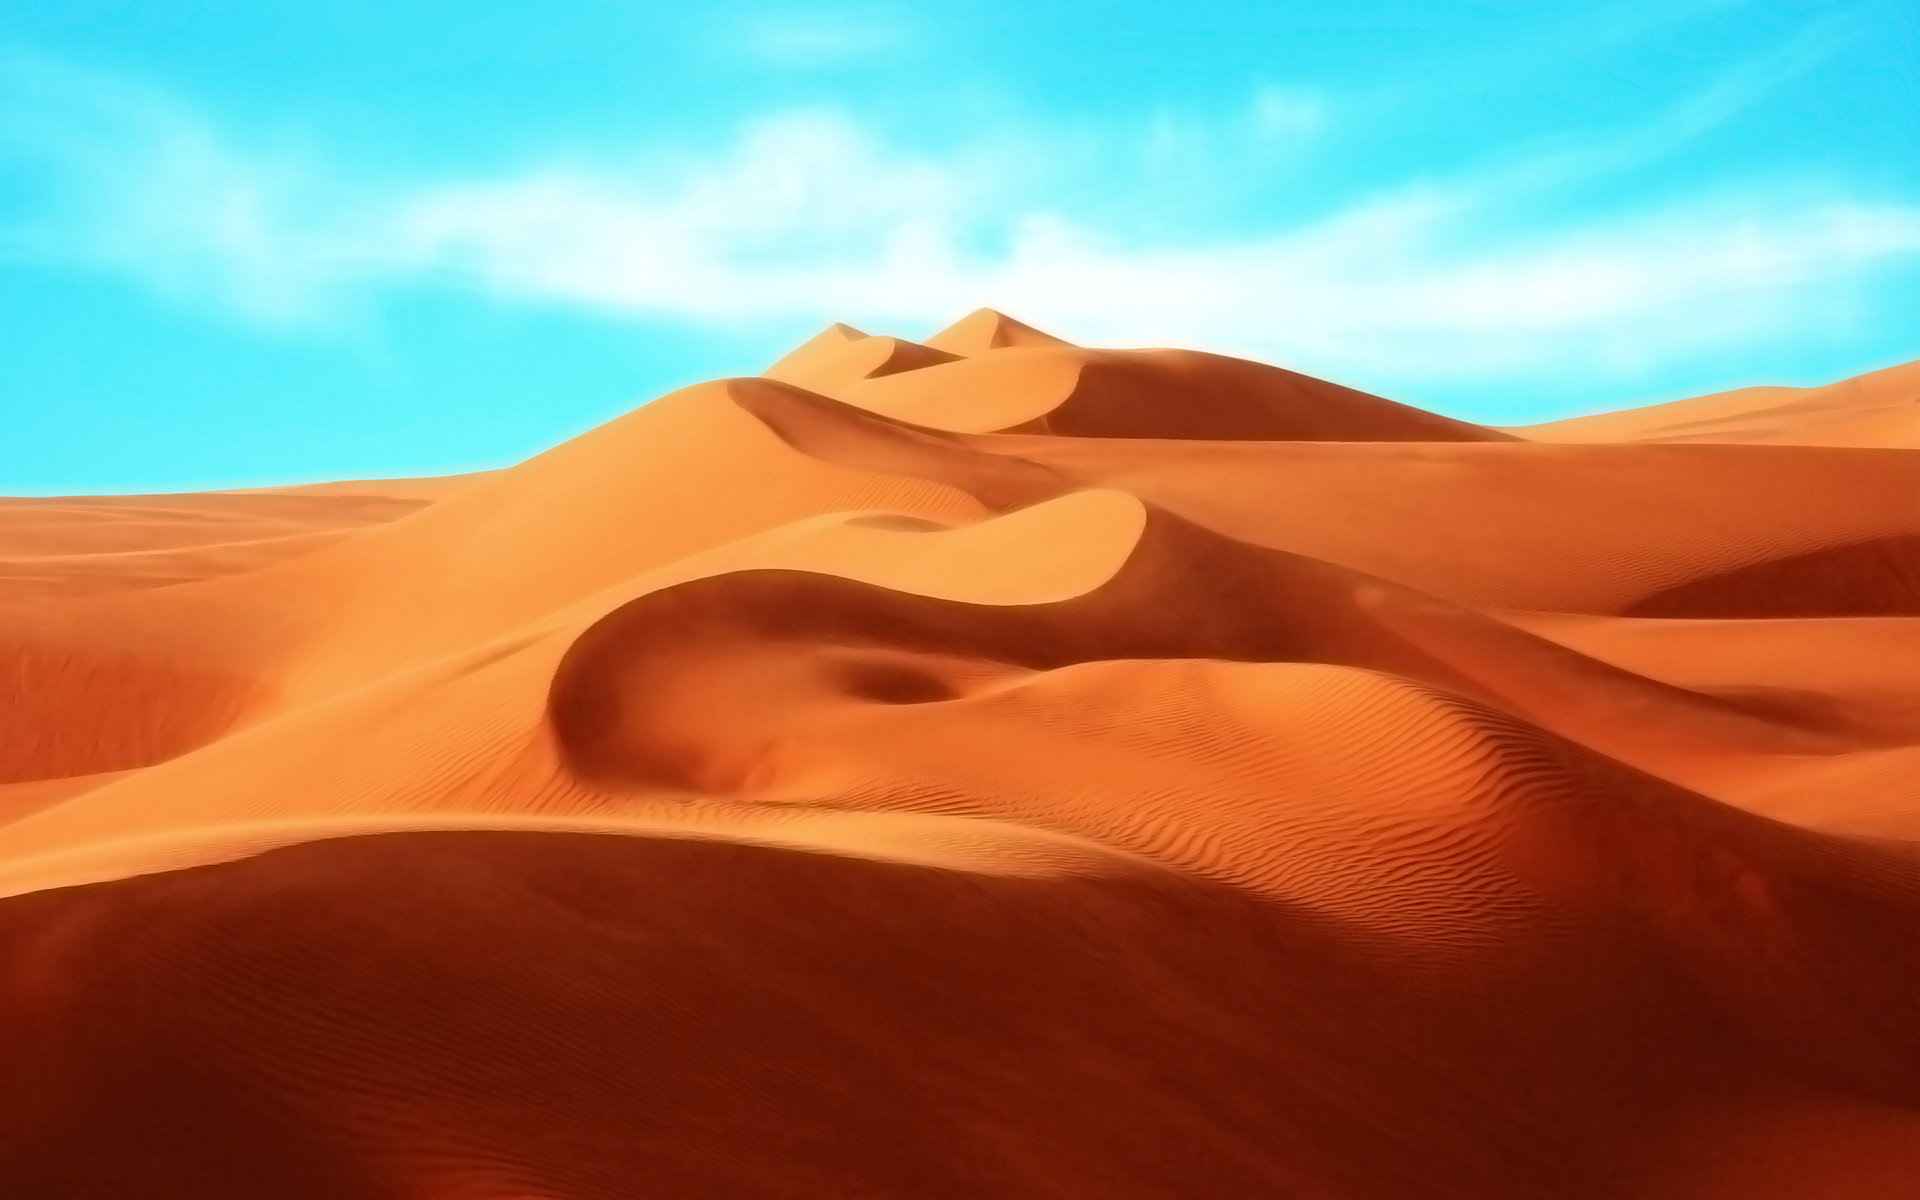 Filme Oficial Do Marrocos.com – Um País Maravilhoso Chamado Marrocos